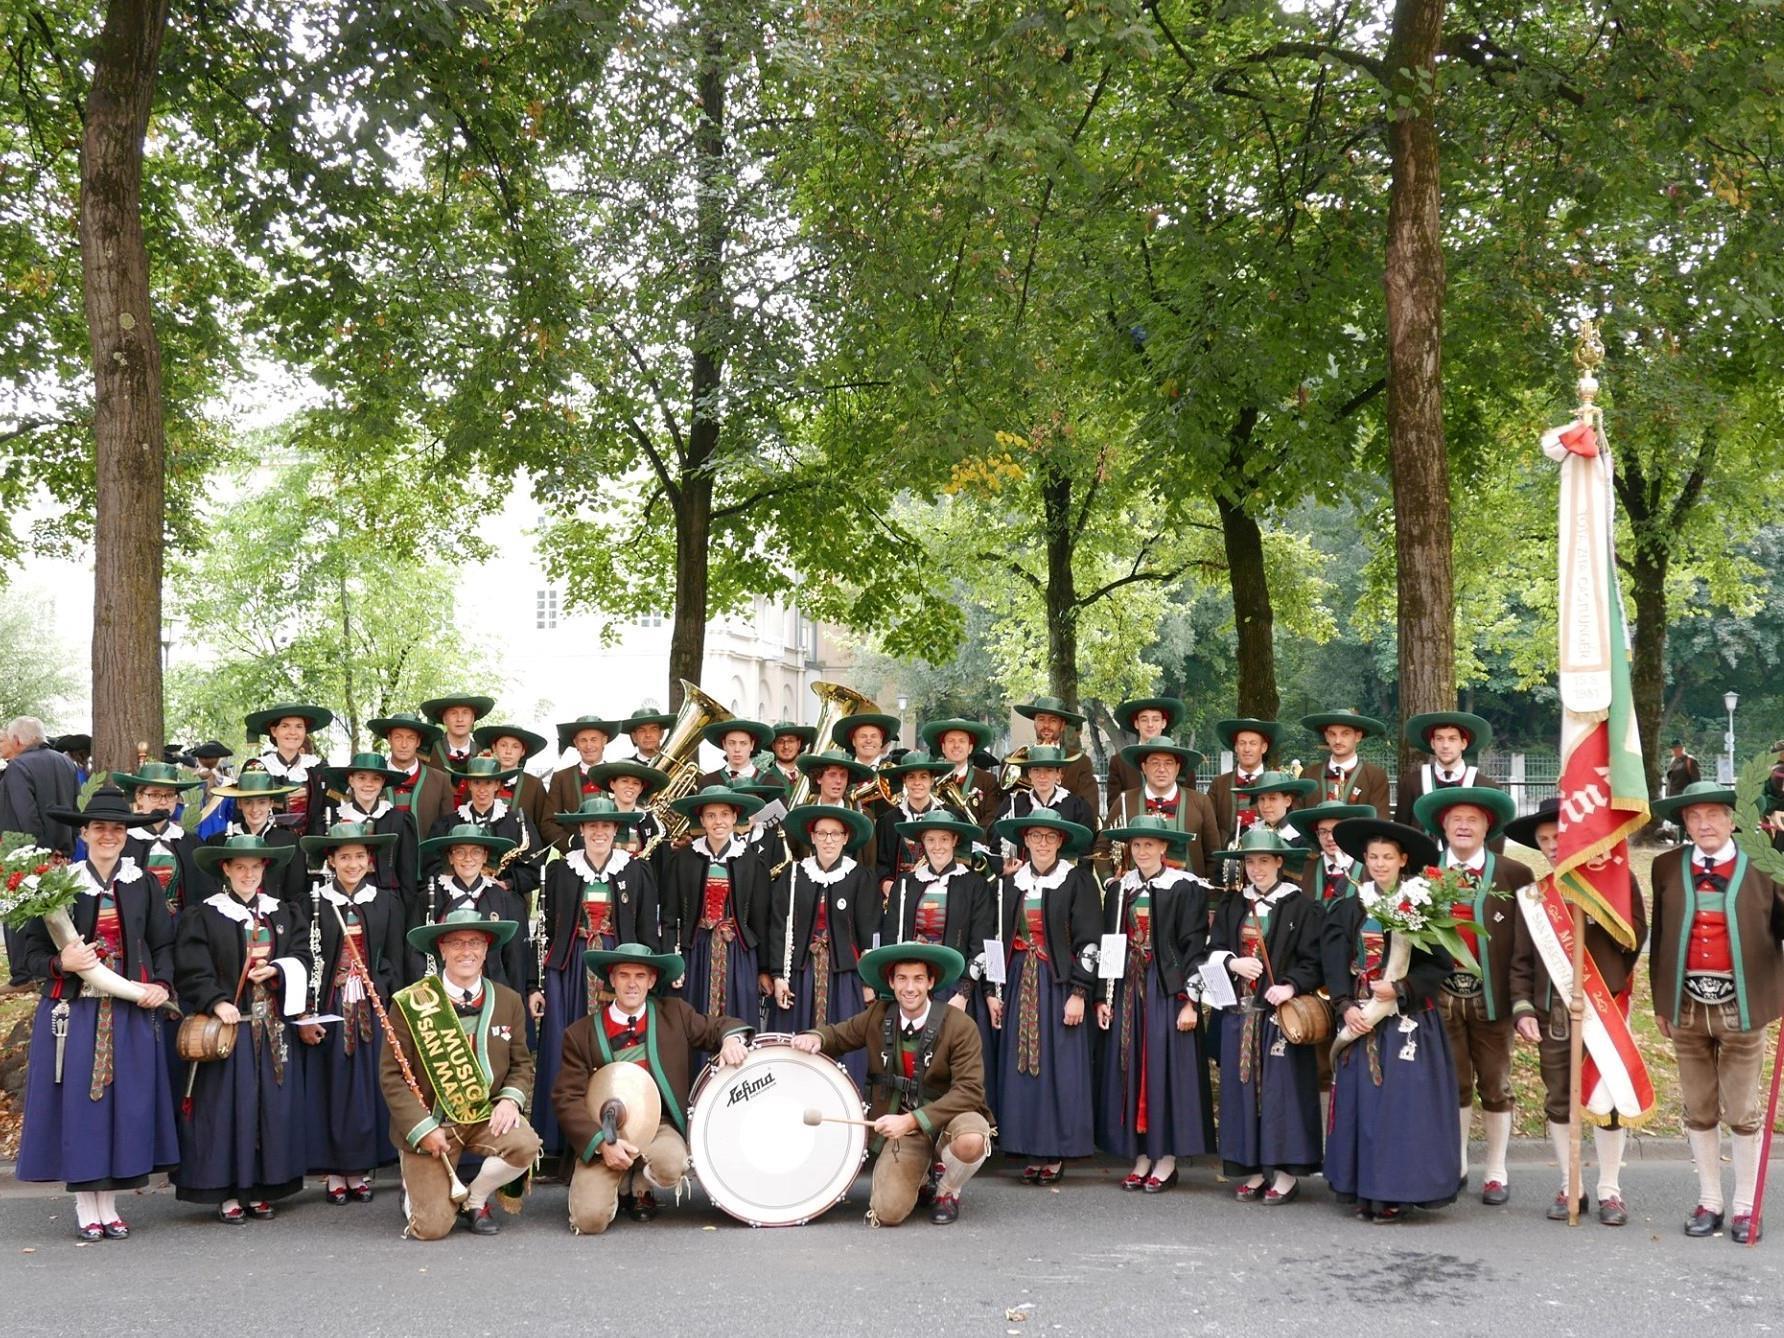 Concerto della banda musicale San Martin a Lungiarü